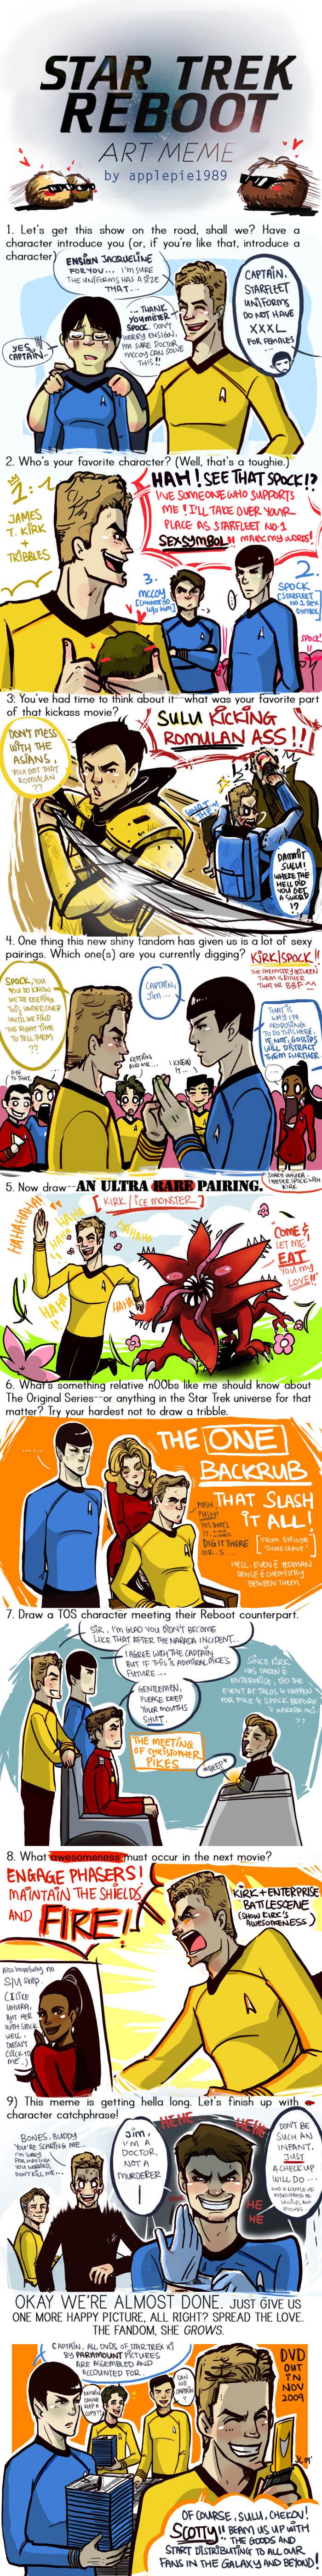 Star Trek Reboot Meme by applepie1989